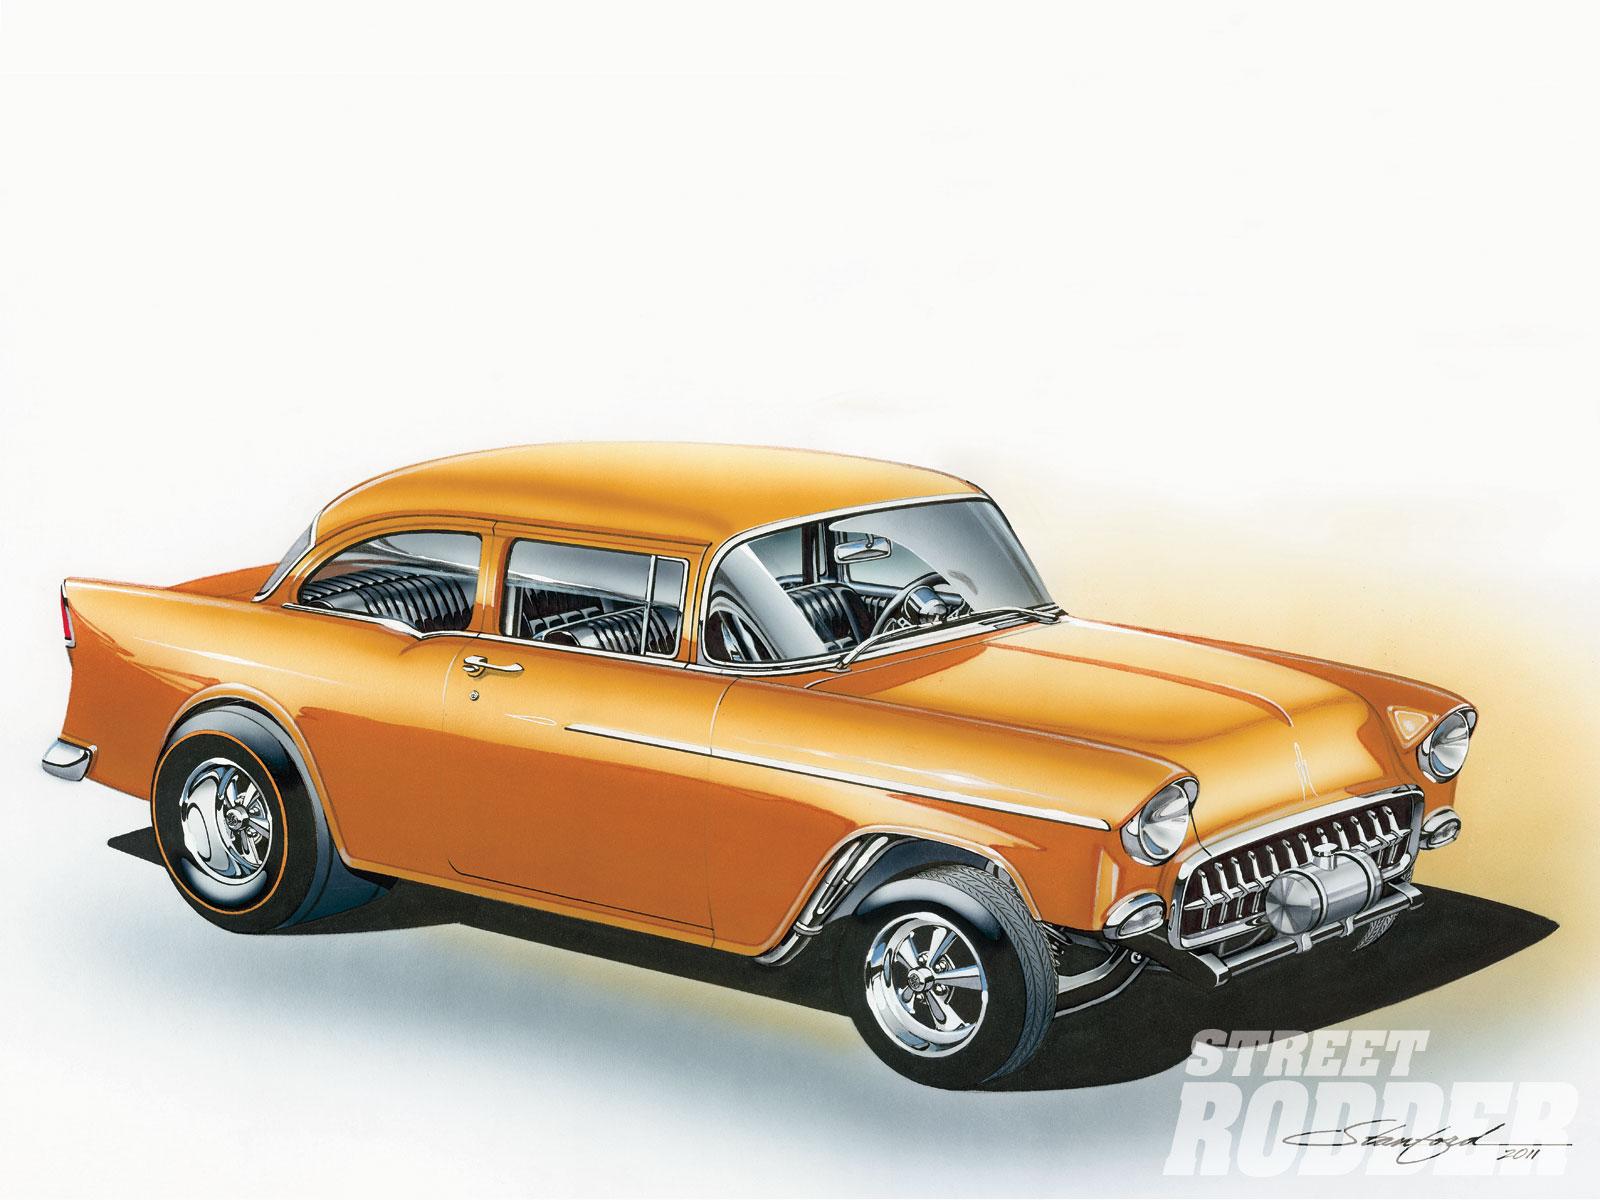 ... 1955 chevy gasser race car street drag car for sale dragcars com